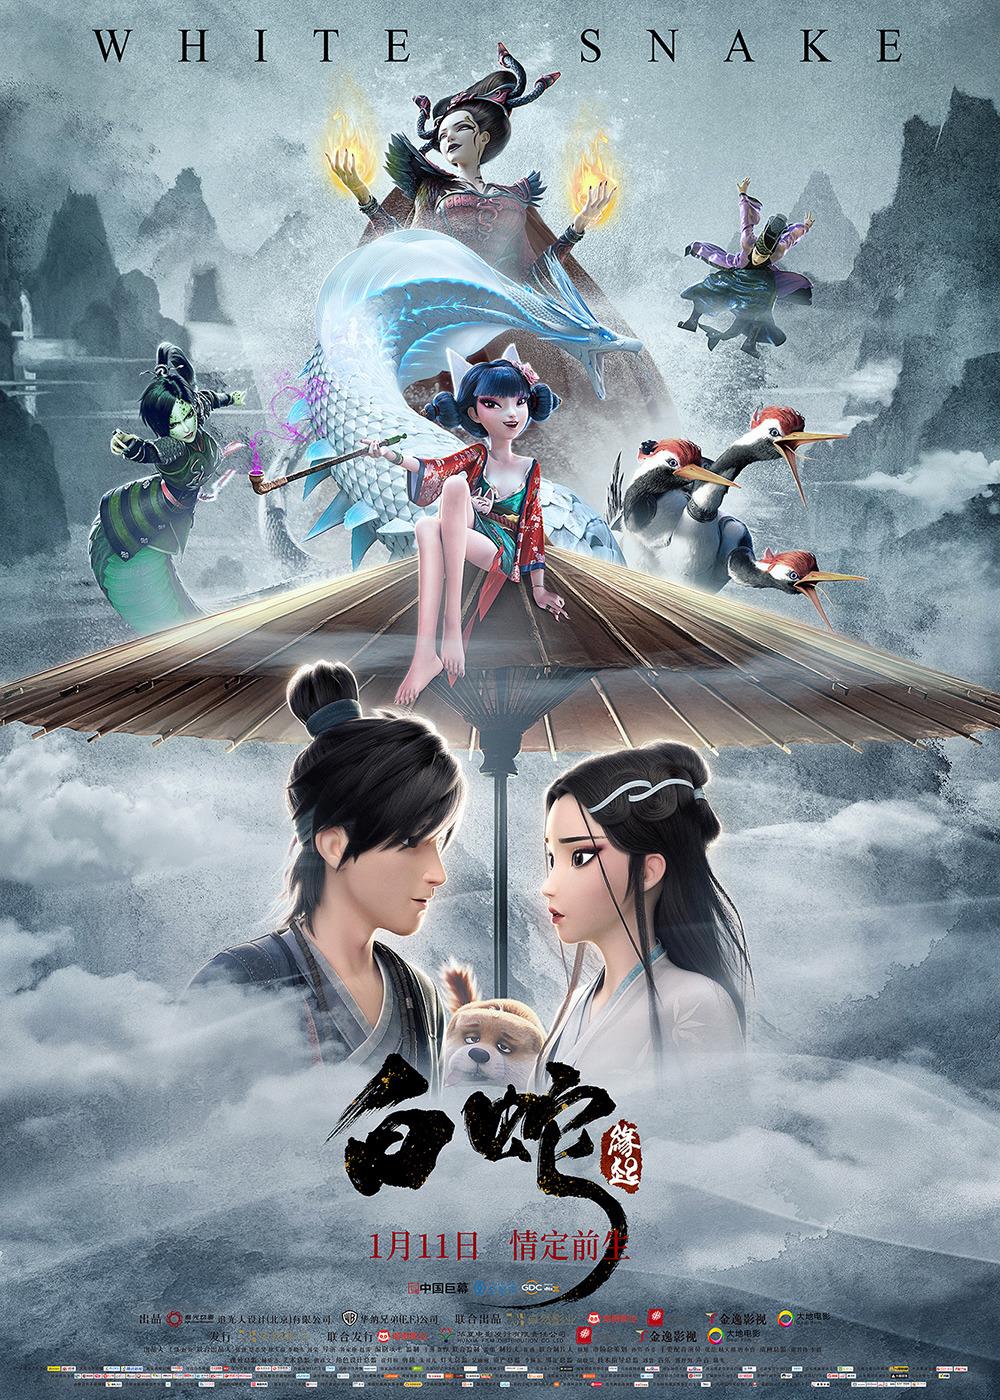 Download film white snake 2019 full movie subtitle indonesia mp4 mhd 240p 360p 480p 720p 1080p hardsub sub indo